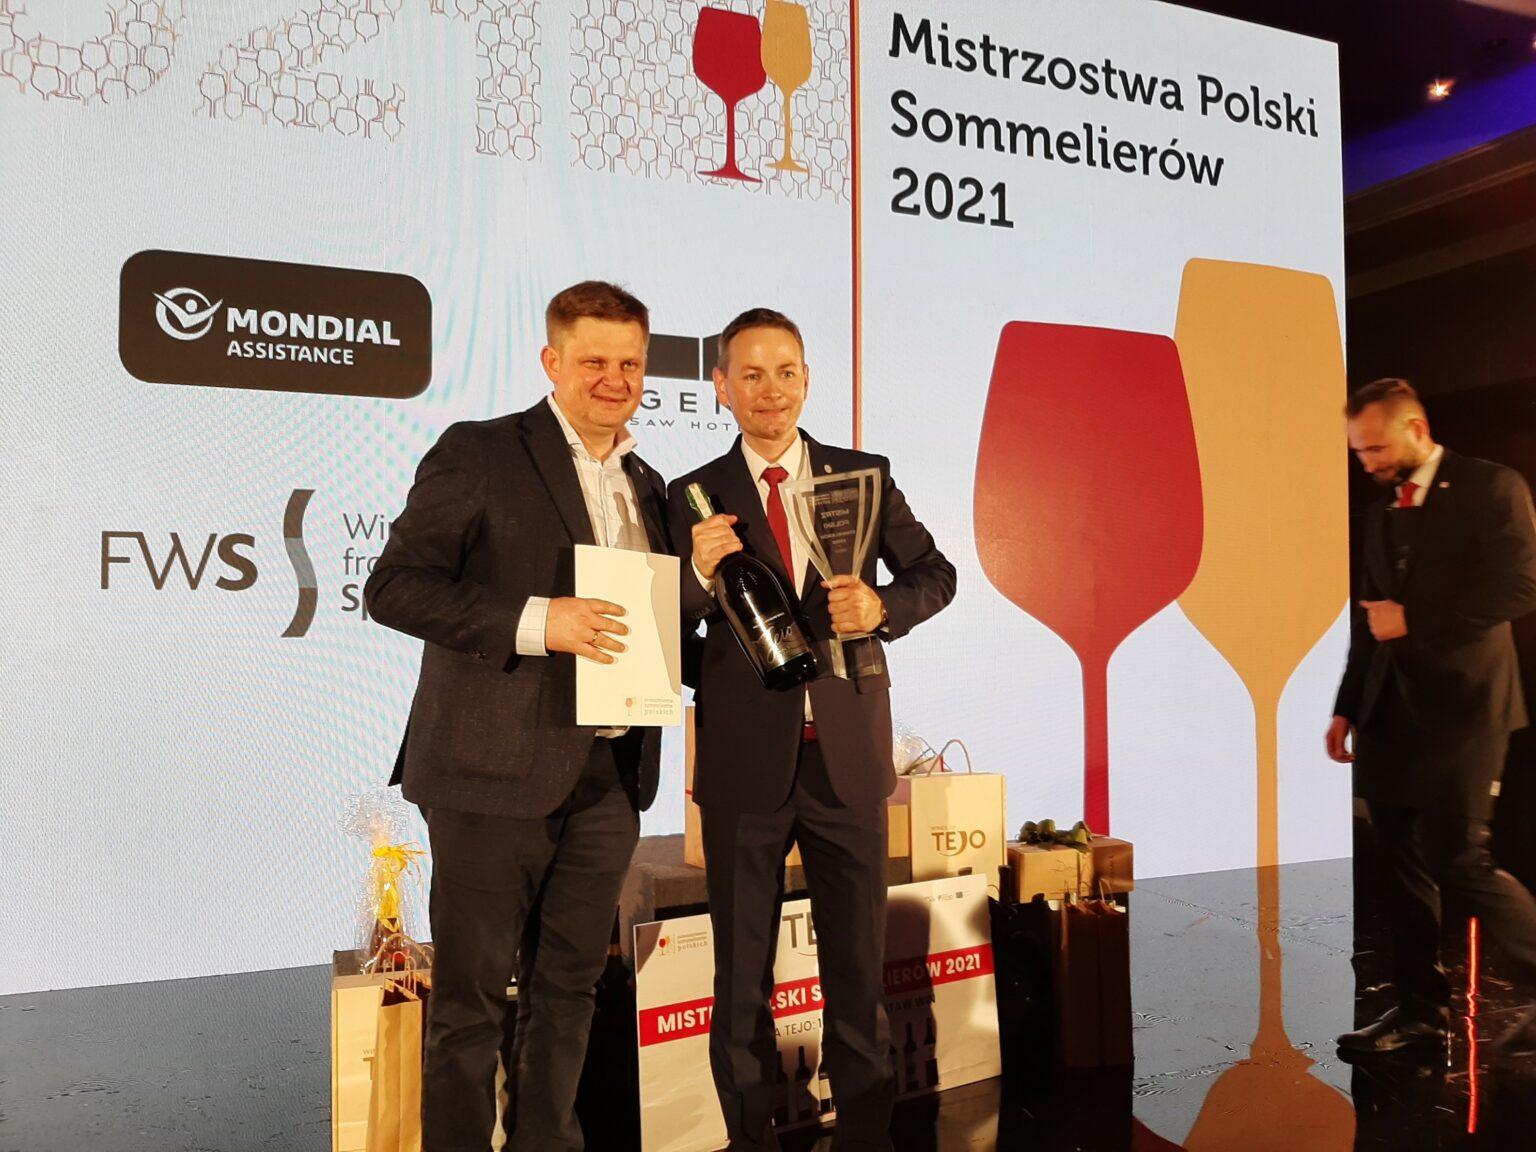 Partner Center HoReCa partnerem wydarzenia Mistrzostwa Polski Sommelierów 2021